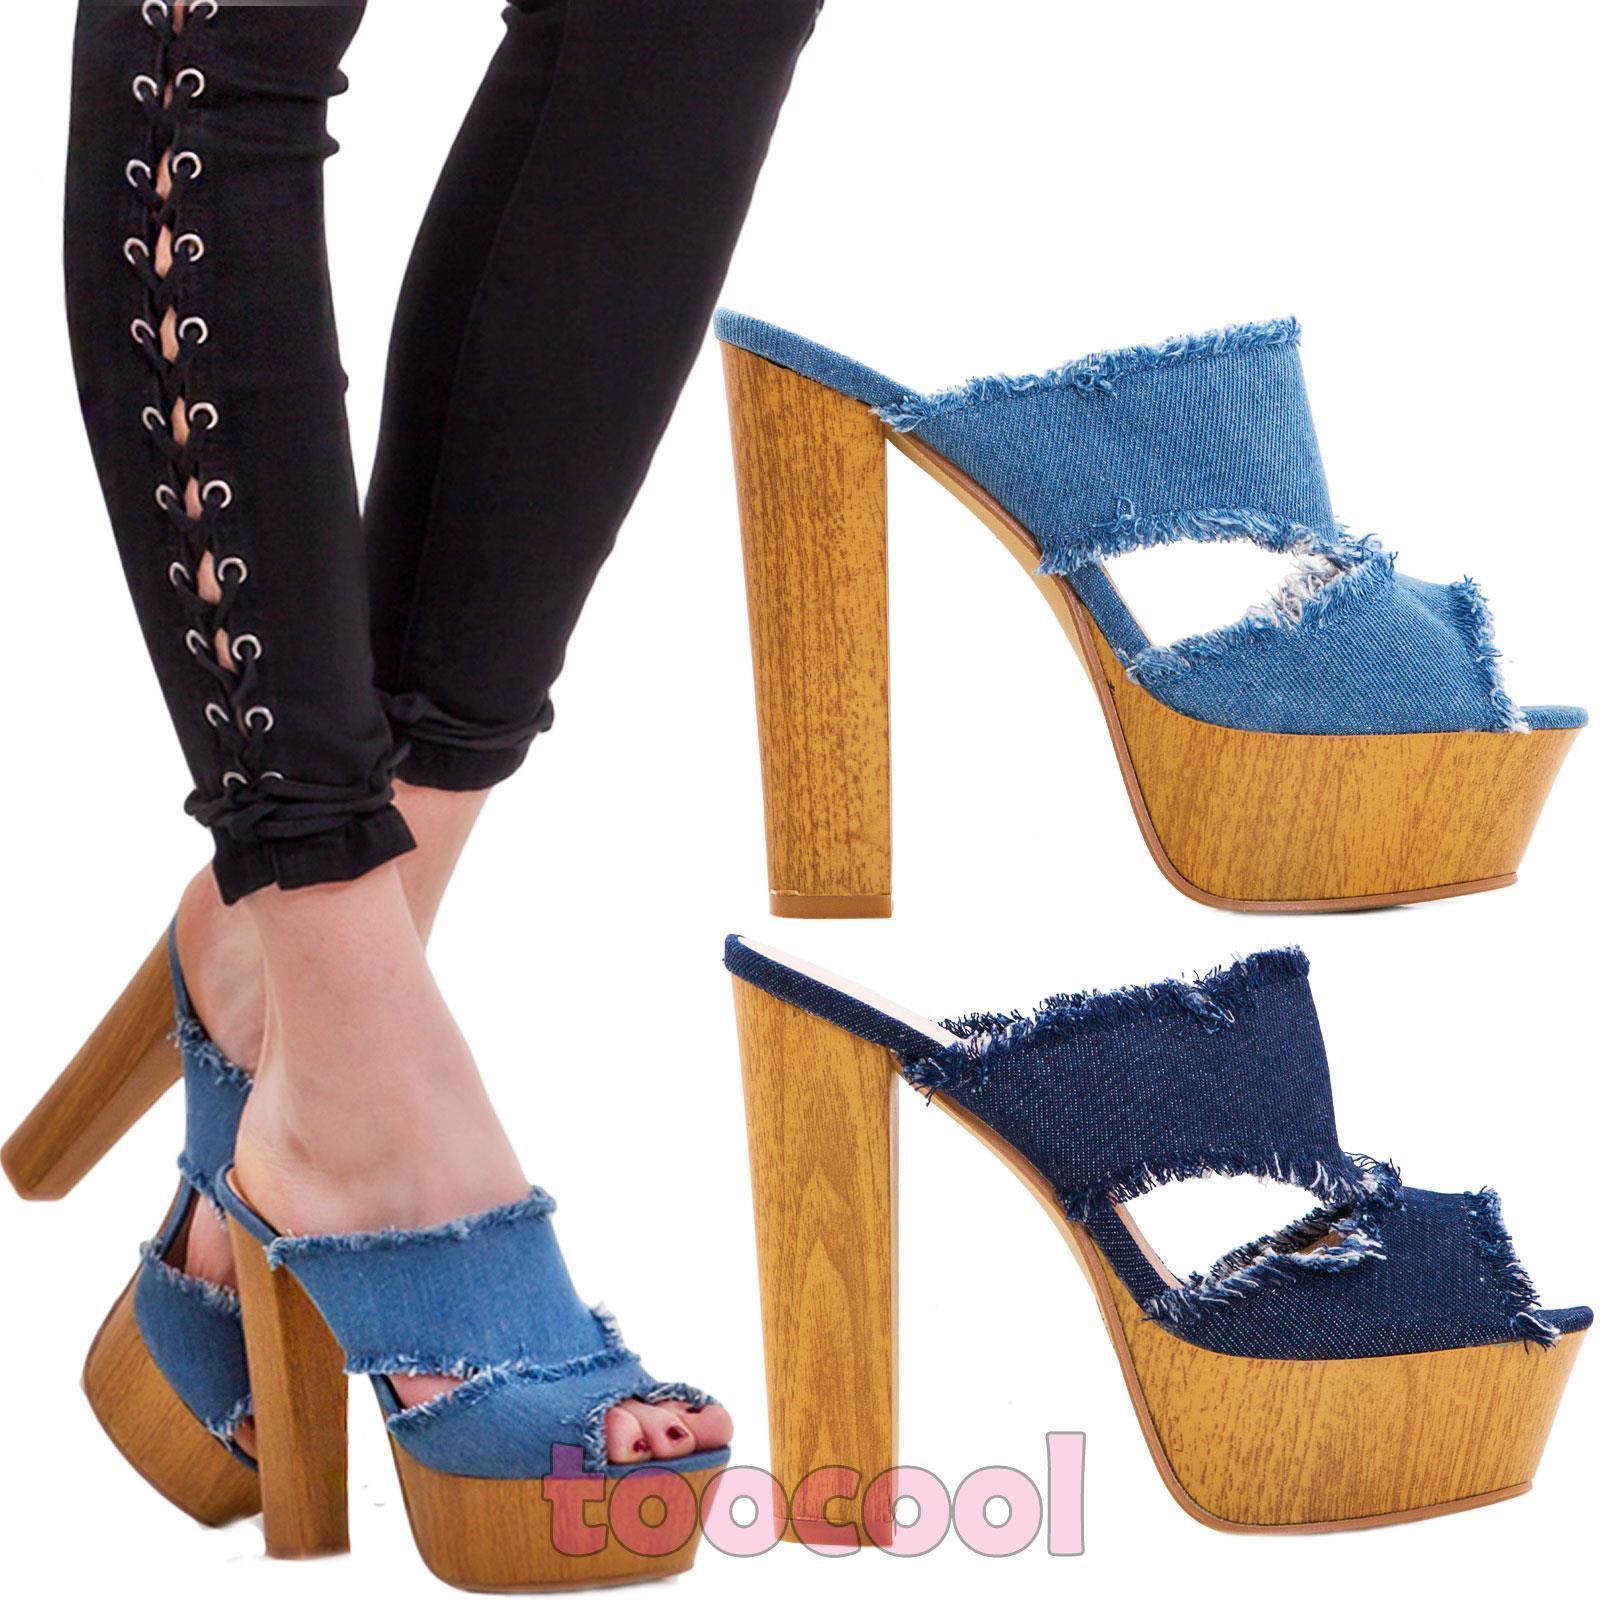 difetto Affrontare clone  Scarpe donna sandali sabot clogs jeans sfrangiati tacco comodo nuove  K2L9328-40 | eBay